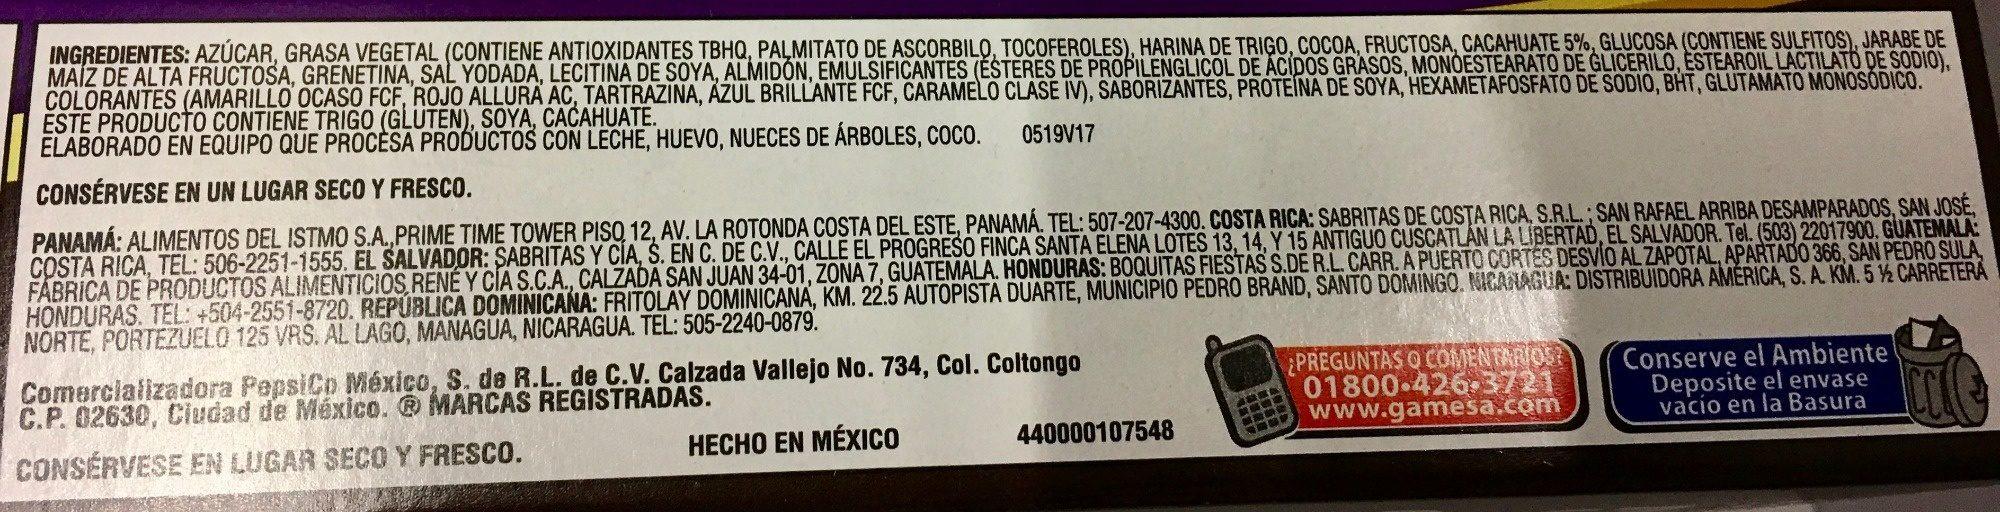 Chocolatines - Ingrediënten - es